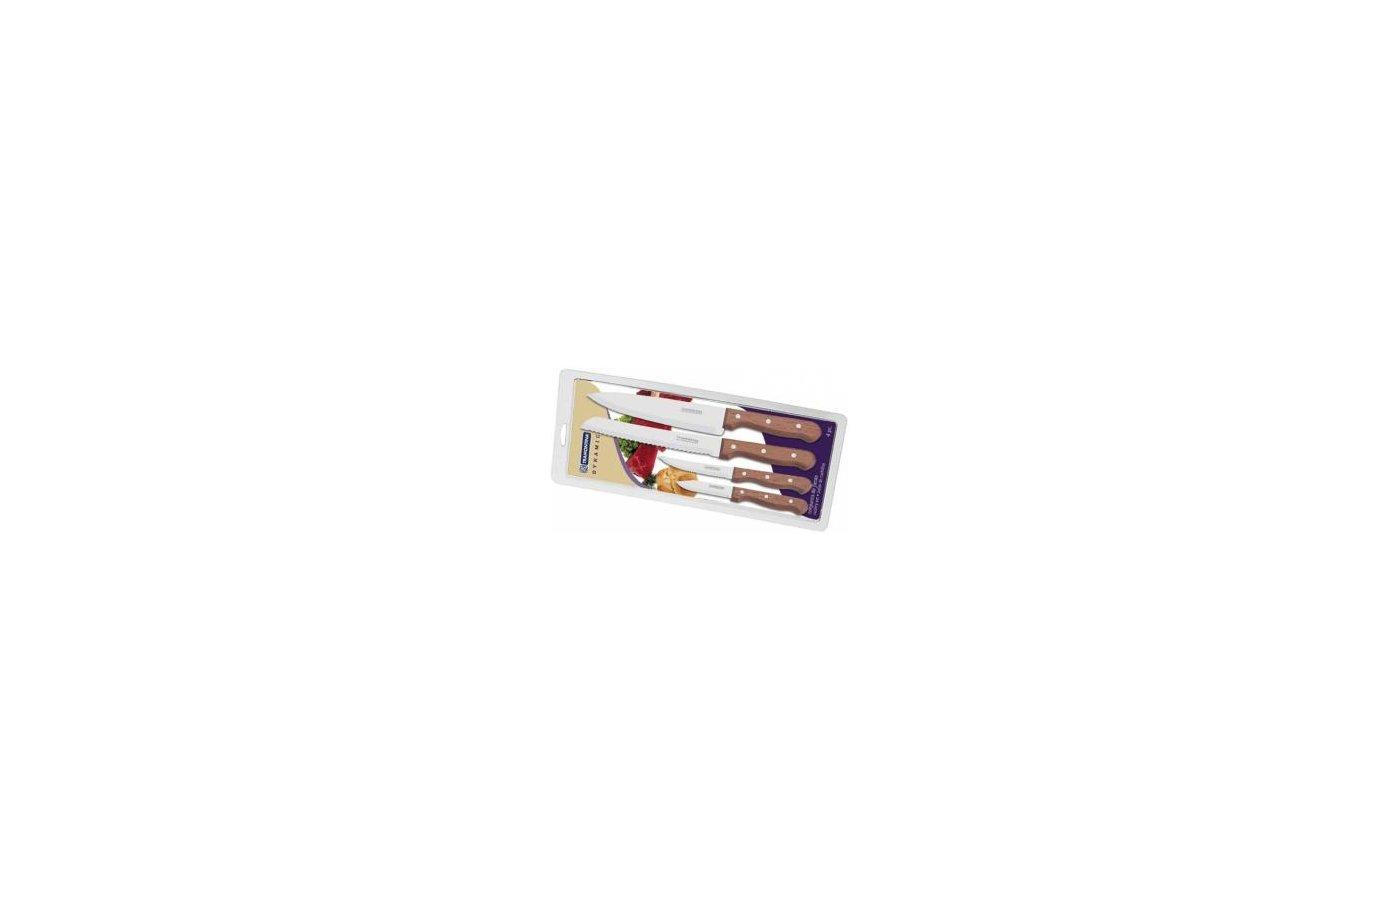 Набор ножей Tramontina 22399/012 Dynamic 4пр.